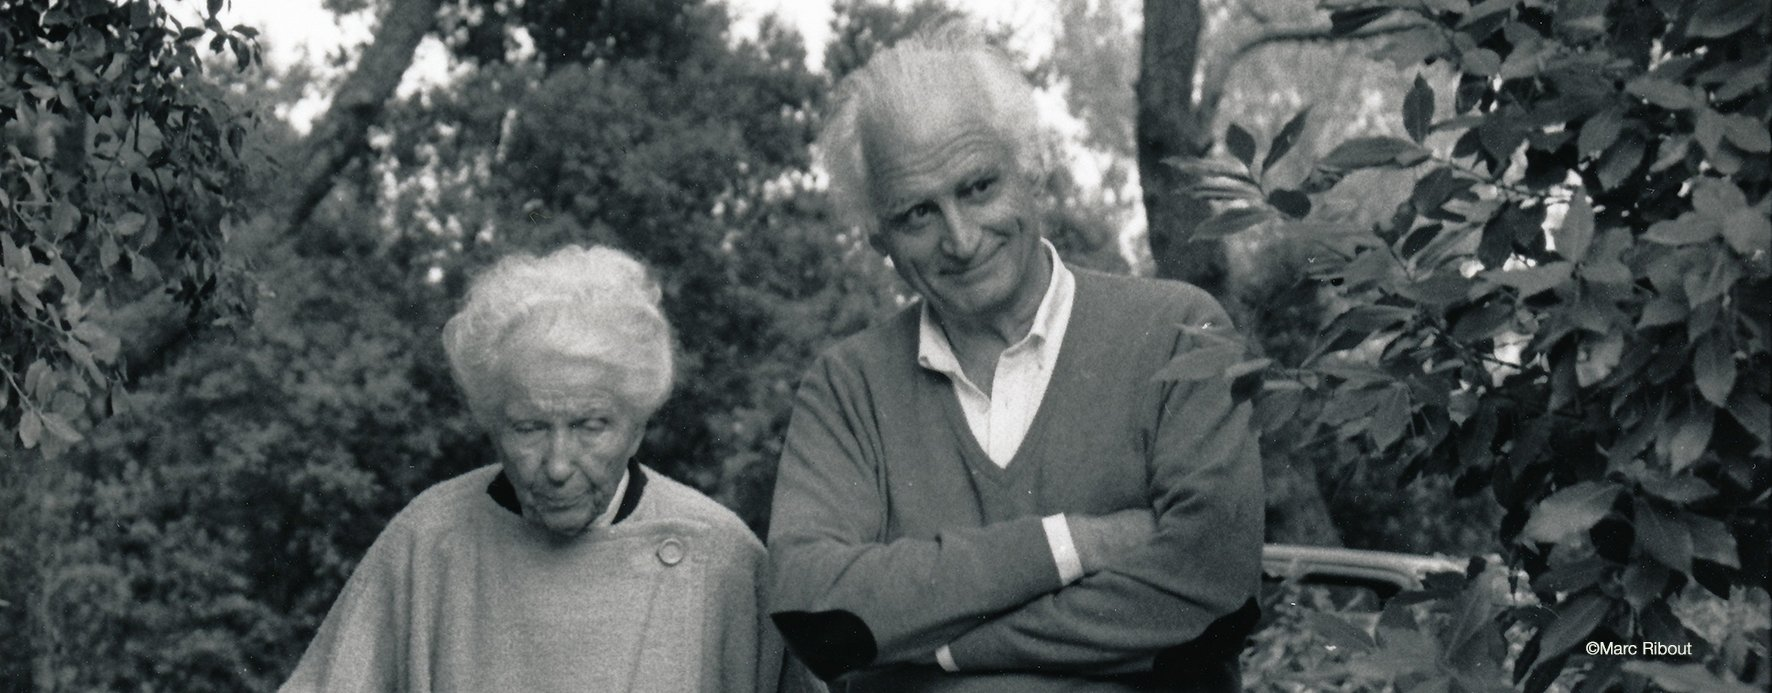 1988 AGS et Michel Serres-M.Riboud